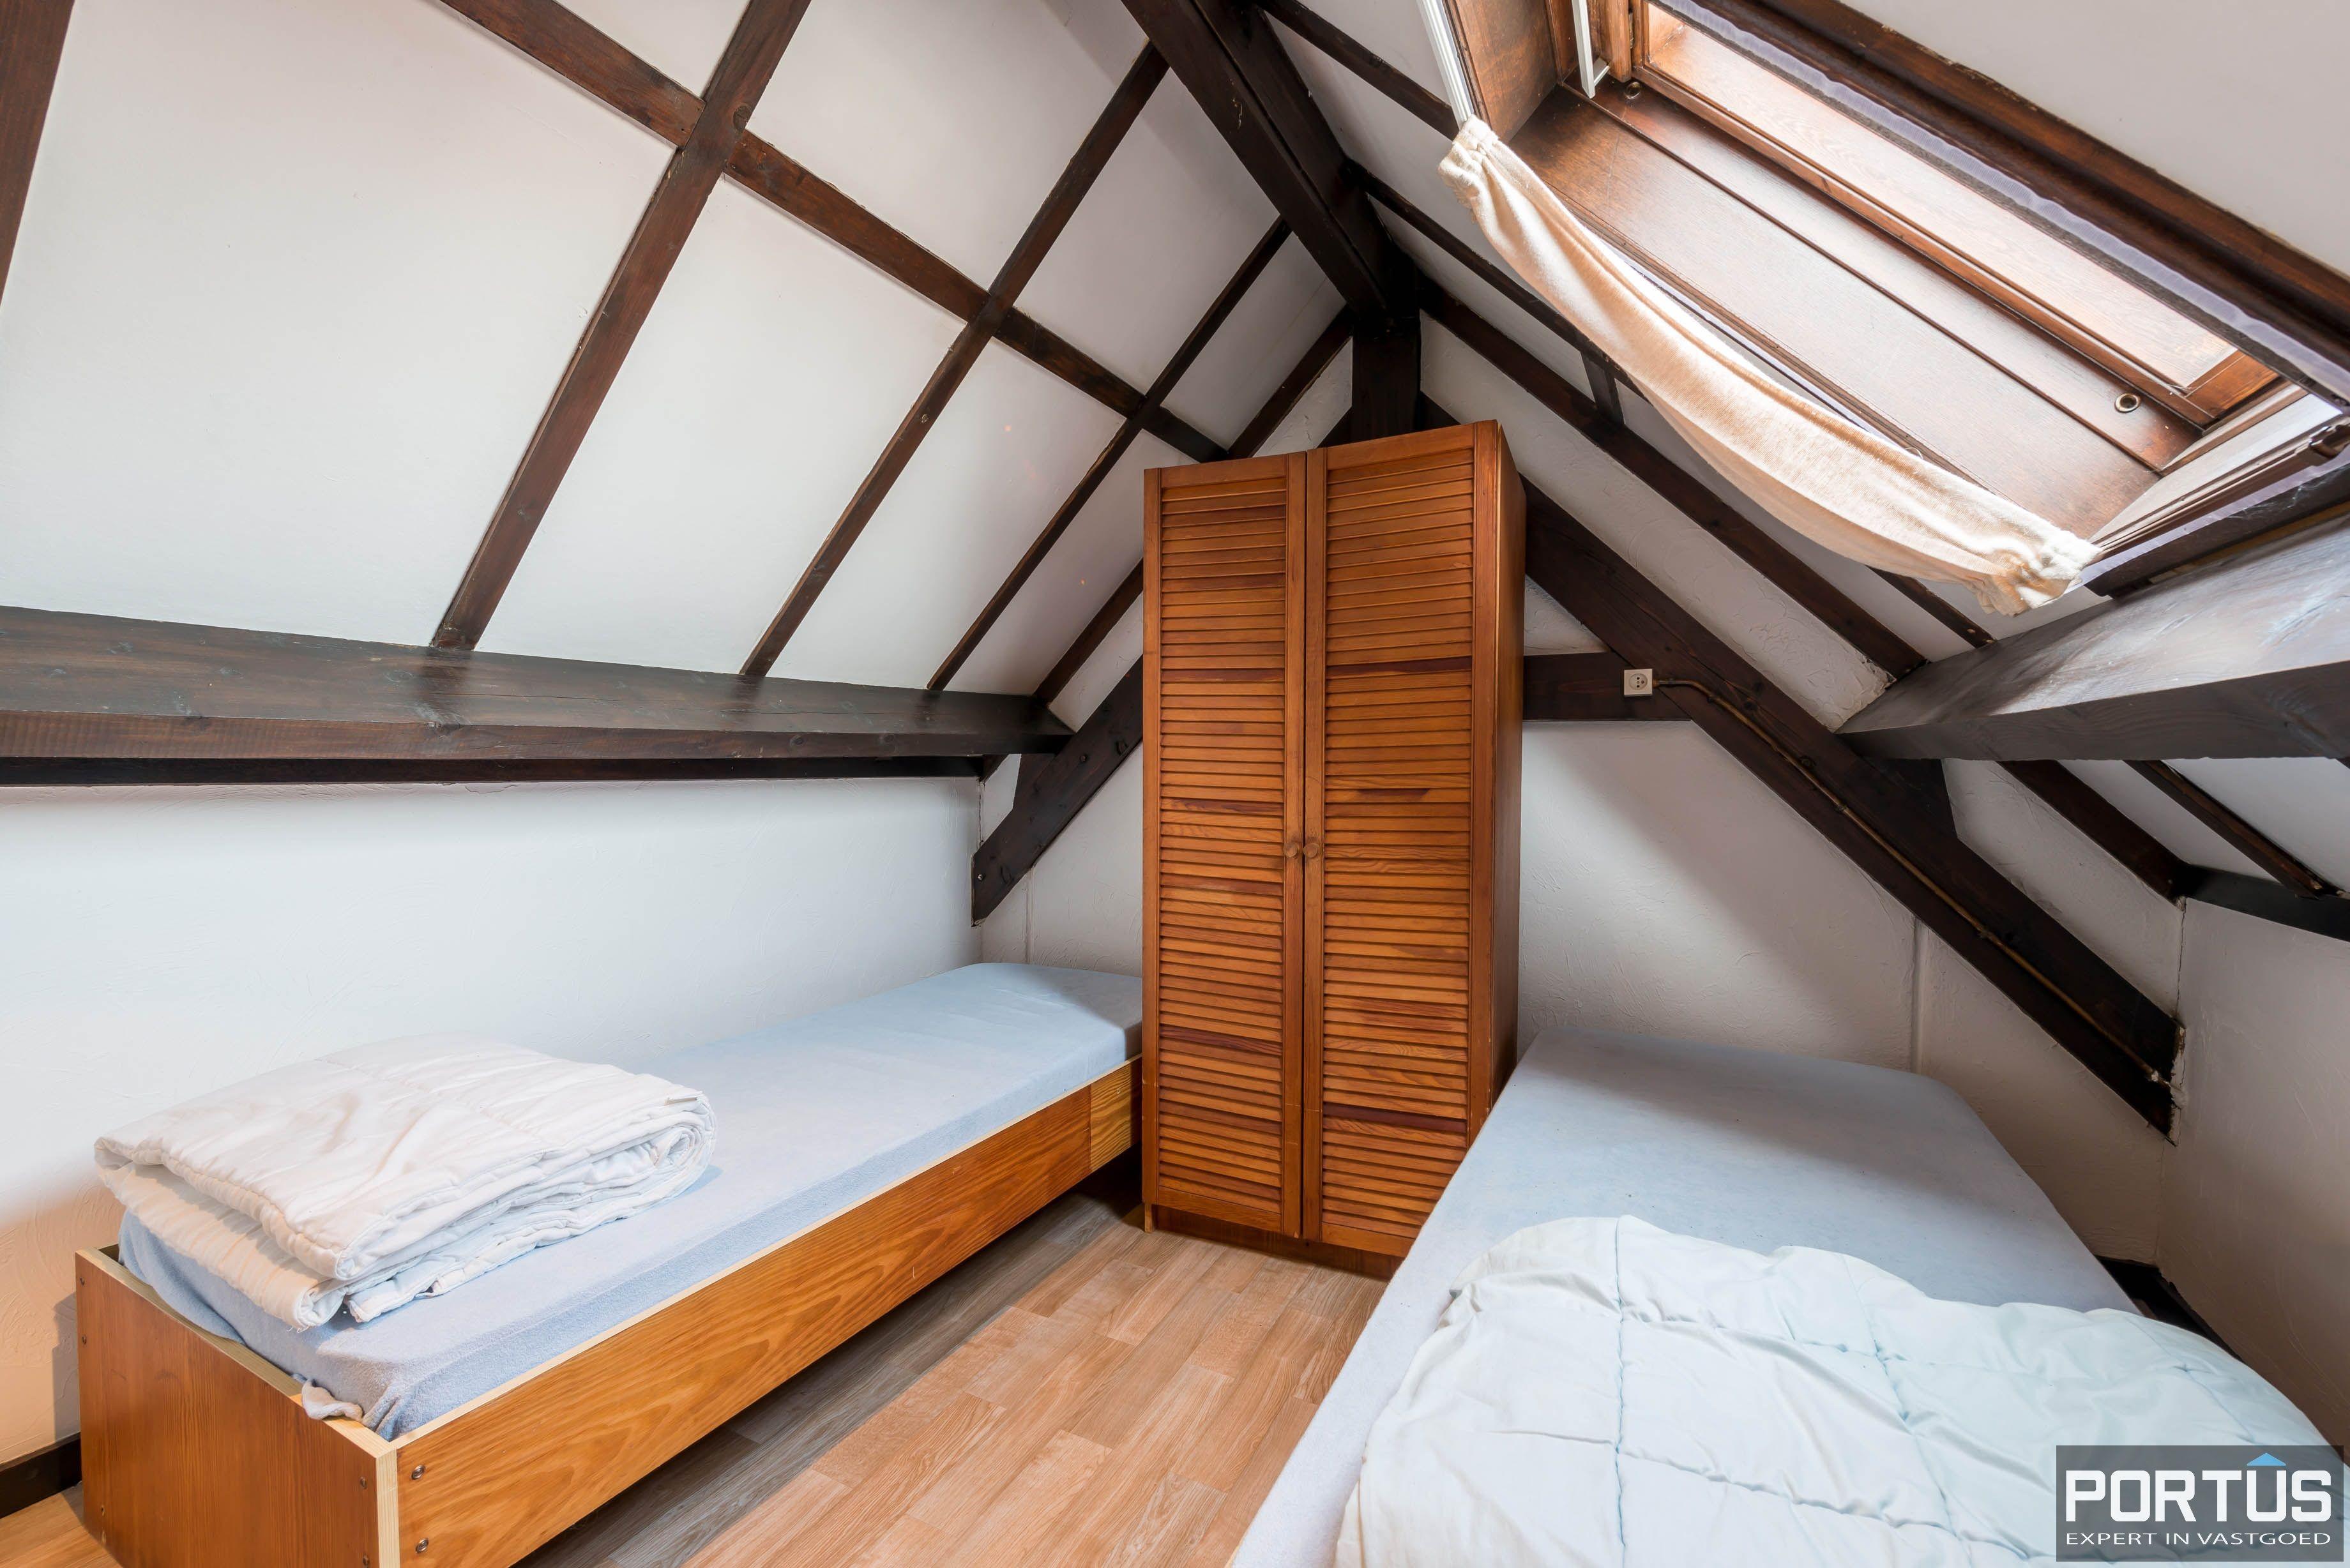 Woning te koop Nieuwpoort 4 slaapkamers en parking - 5591